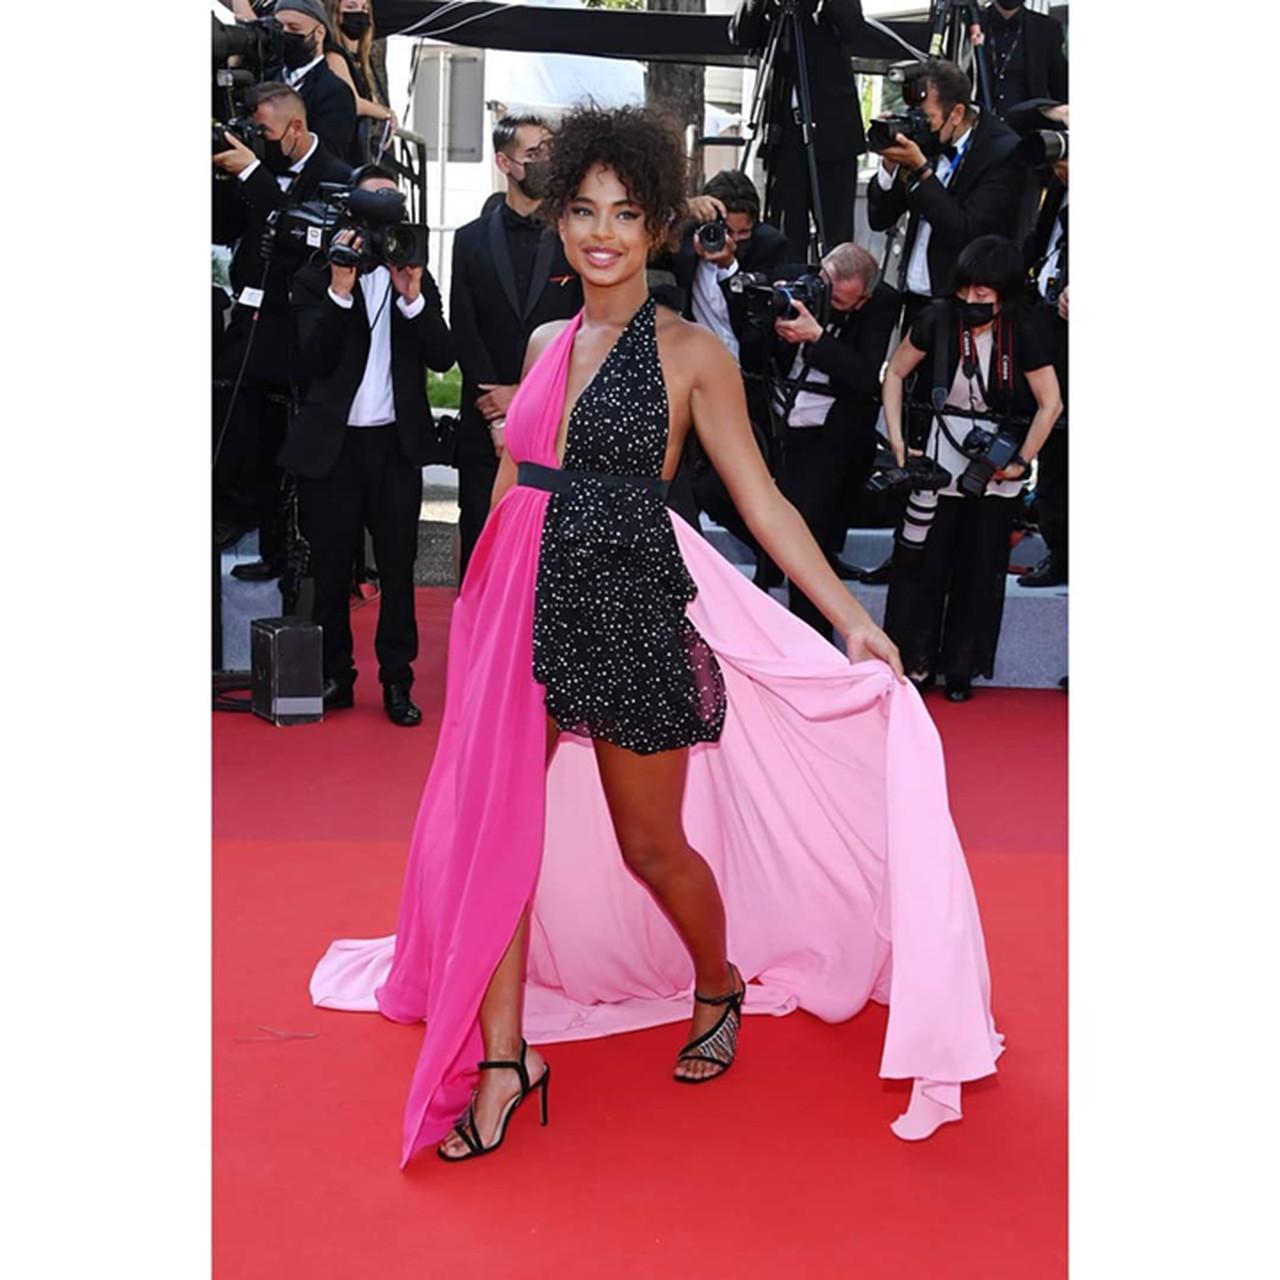 Cannes 2021: confira os melhores looks de celebridades no tapete vermelho